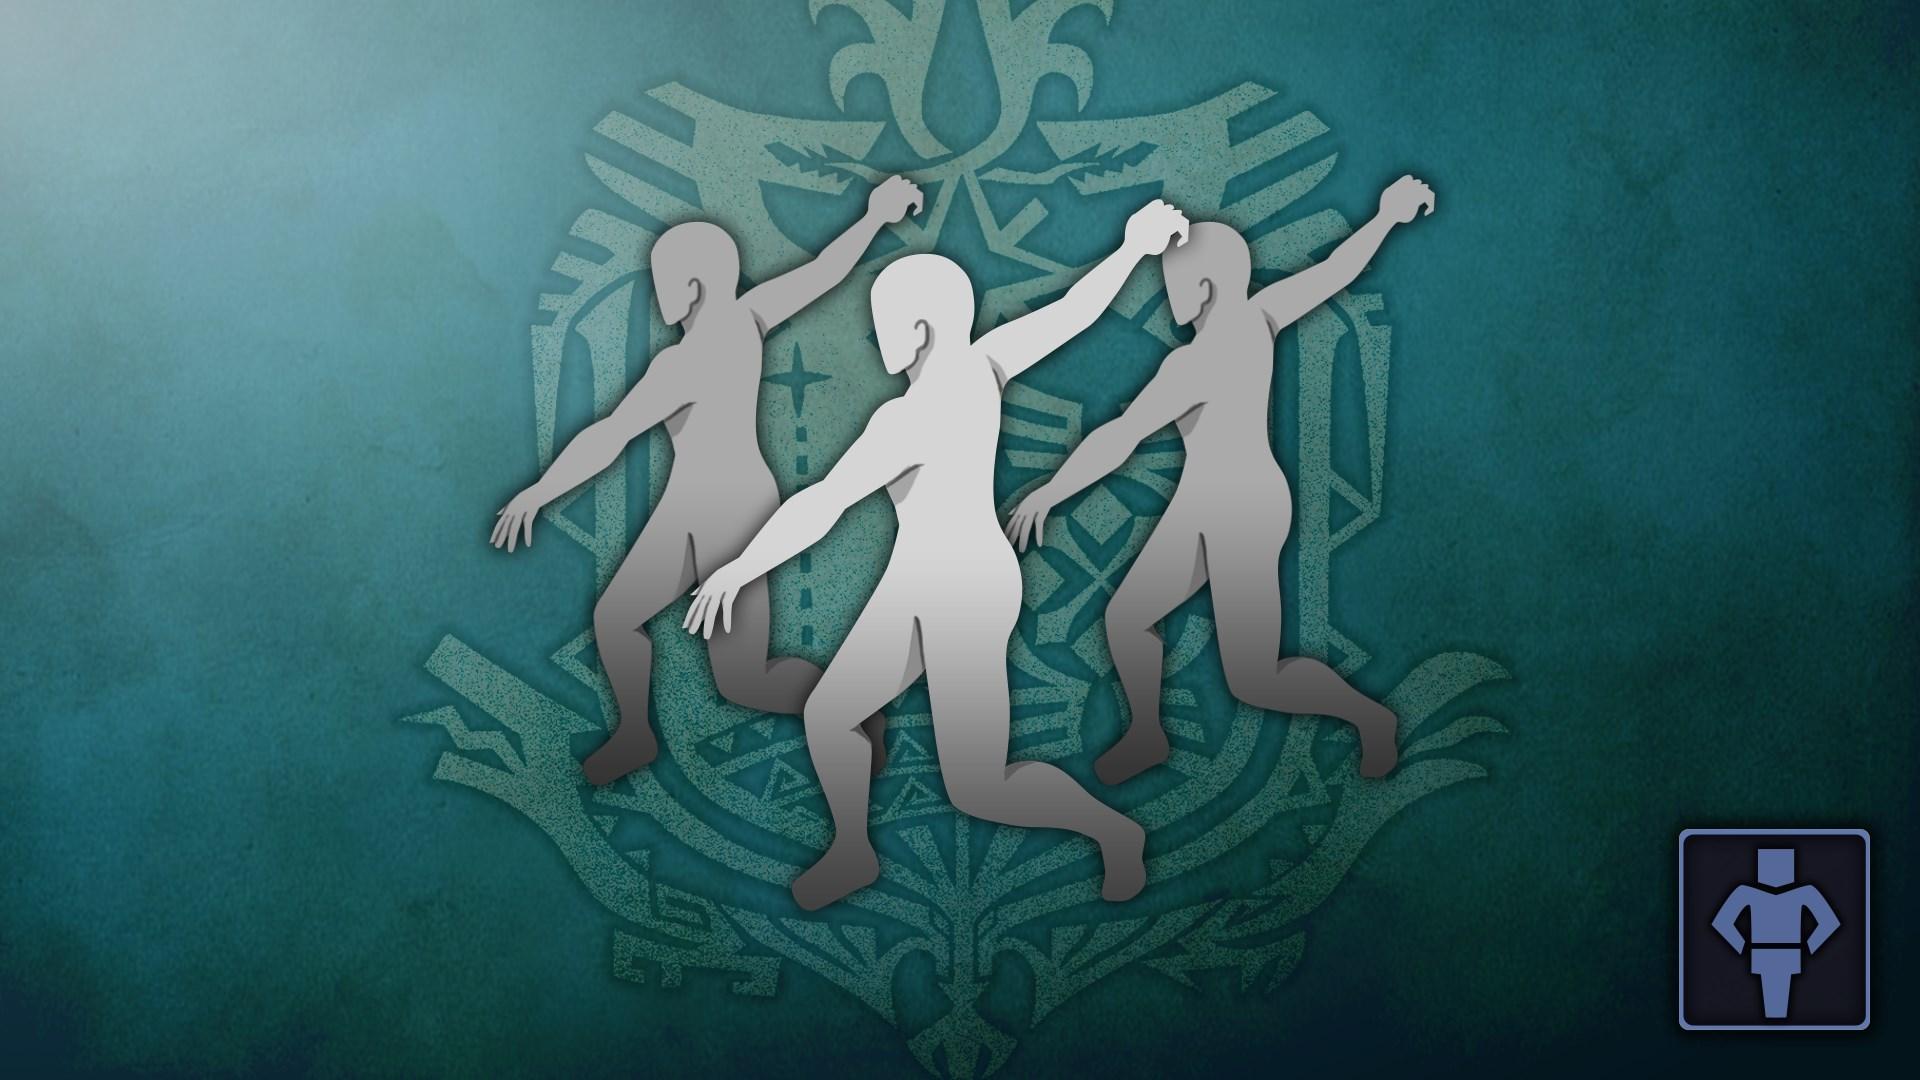 Gesture: Gallivanting Dance